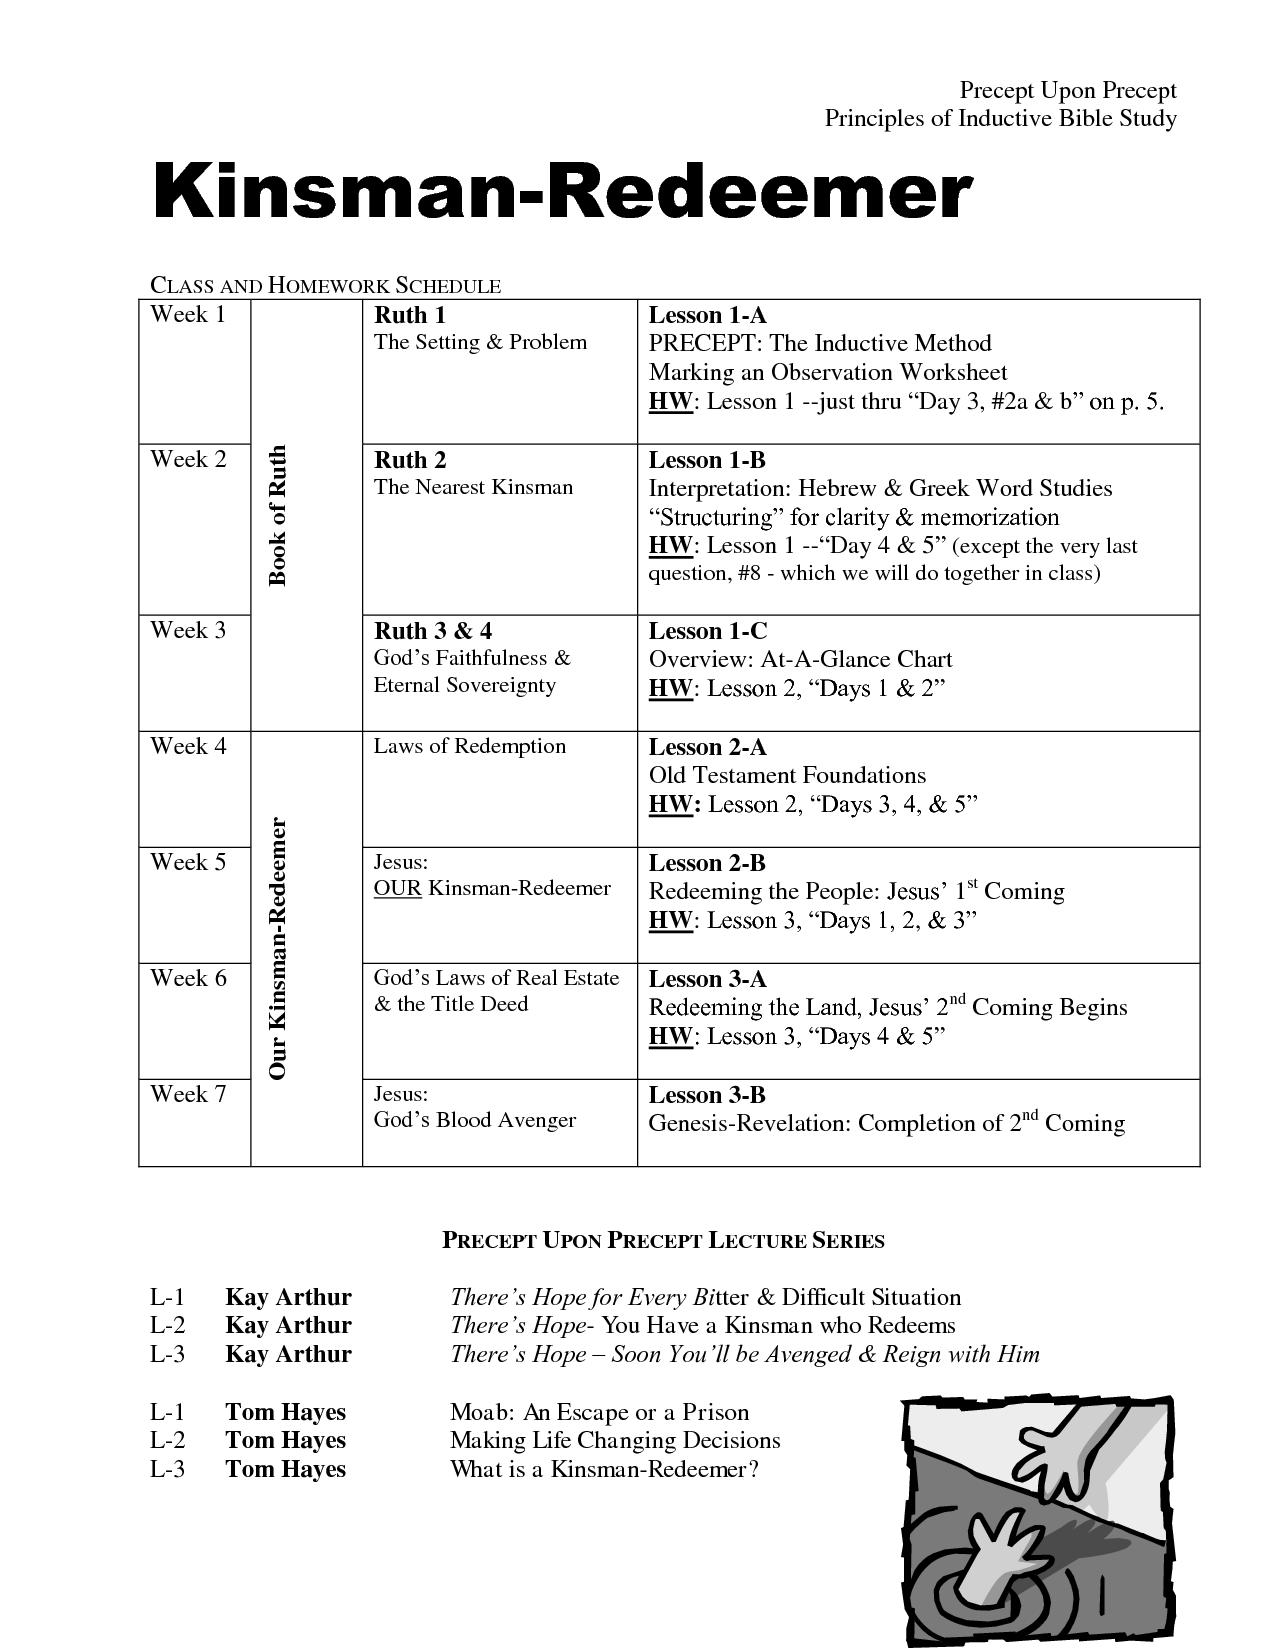 Observation Worksheet Precept